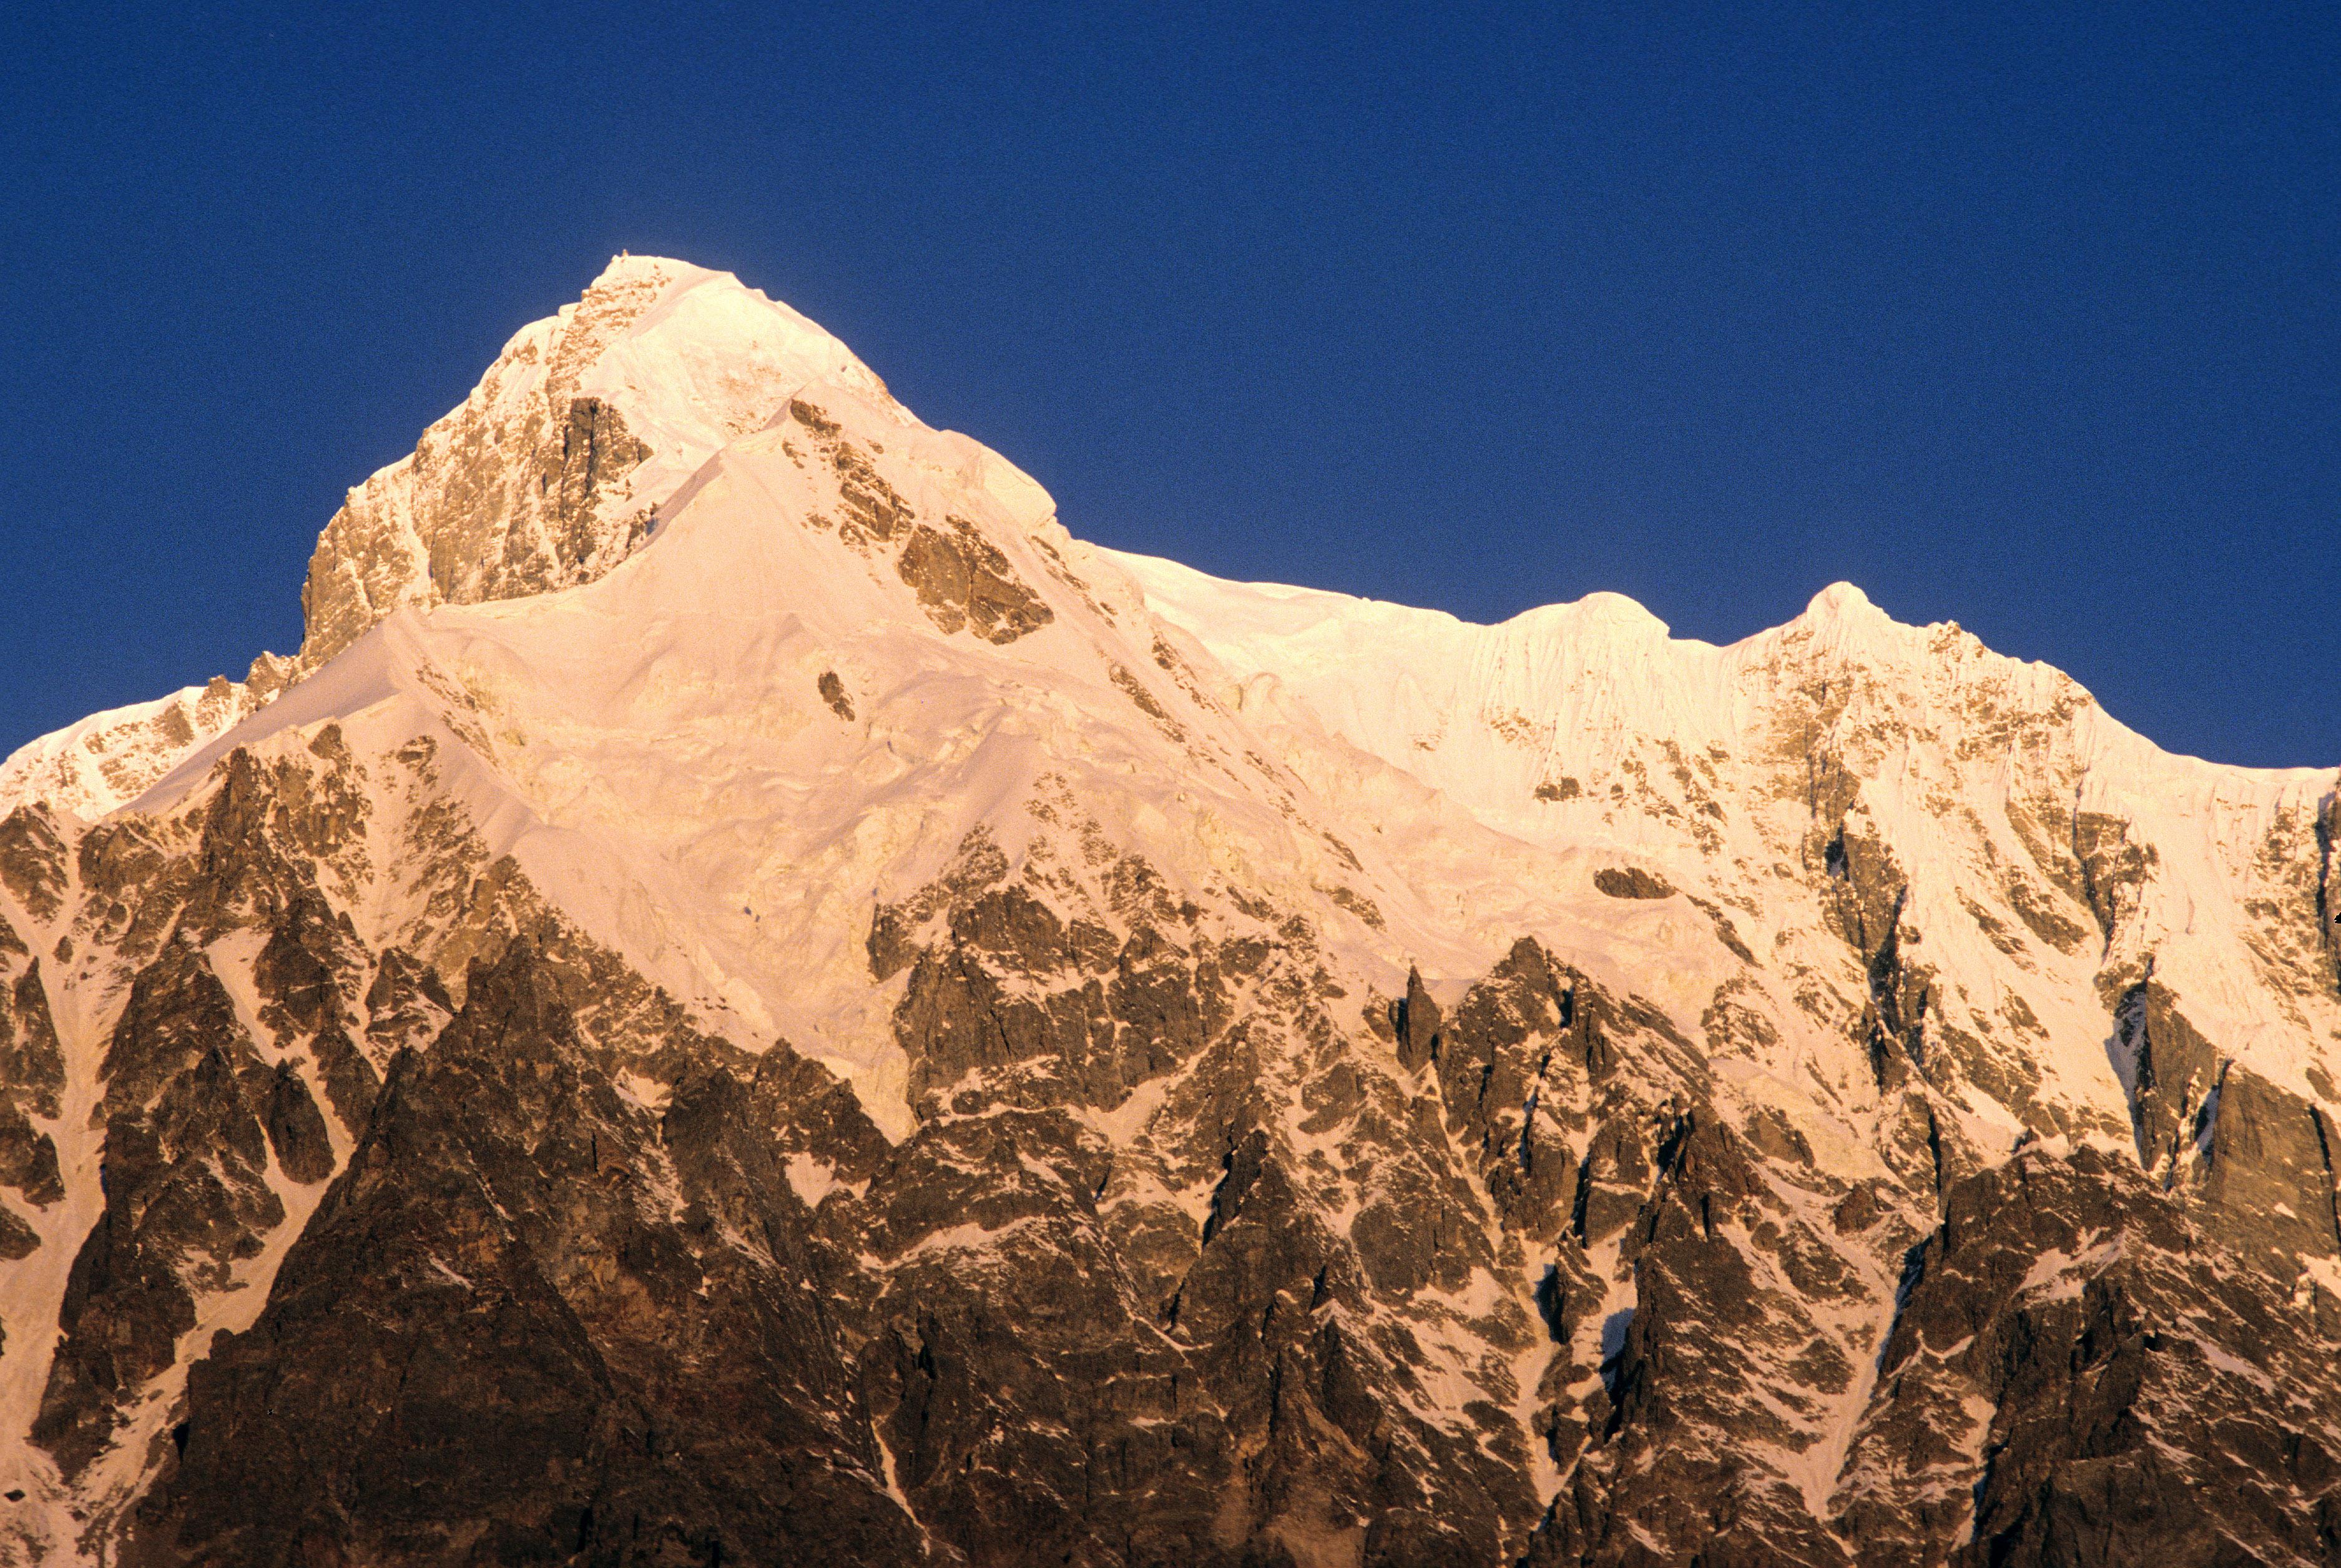 8 dél-koreai és nepáli hegymászó meghalt a Himaláján egy viharban